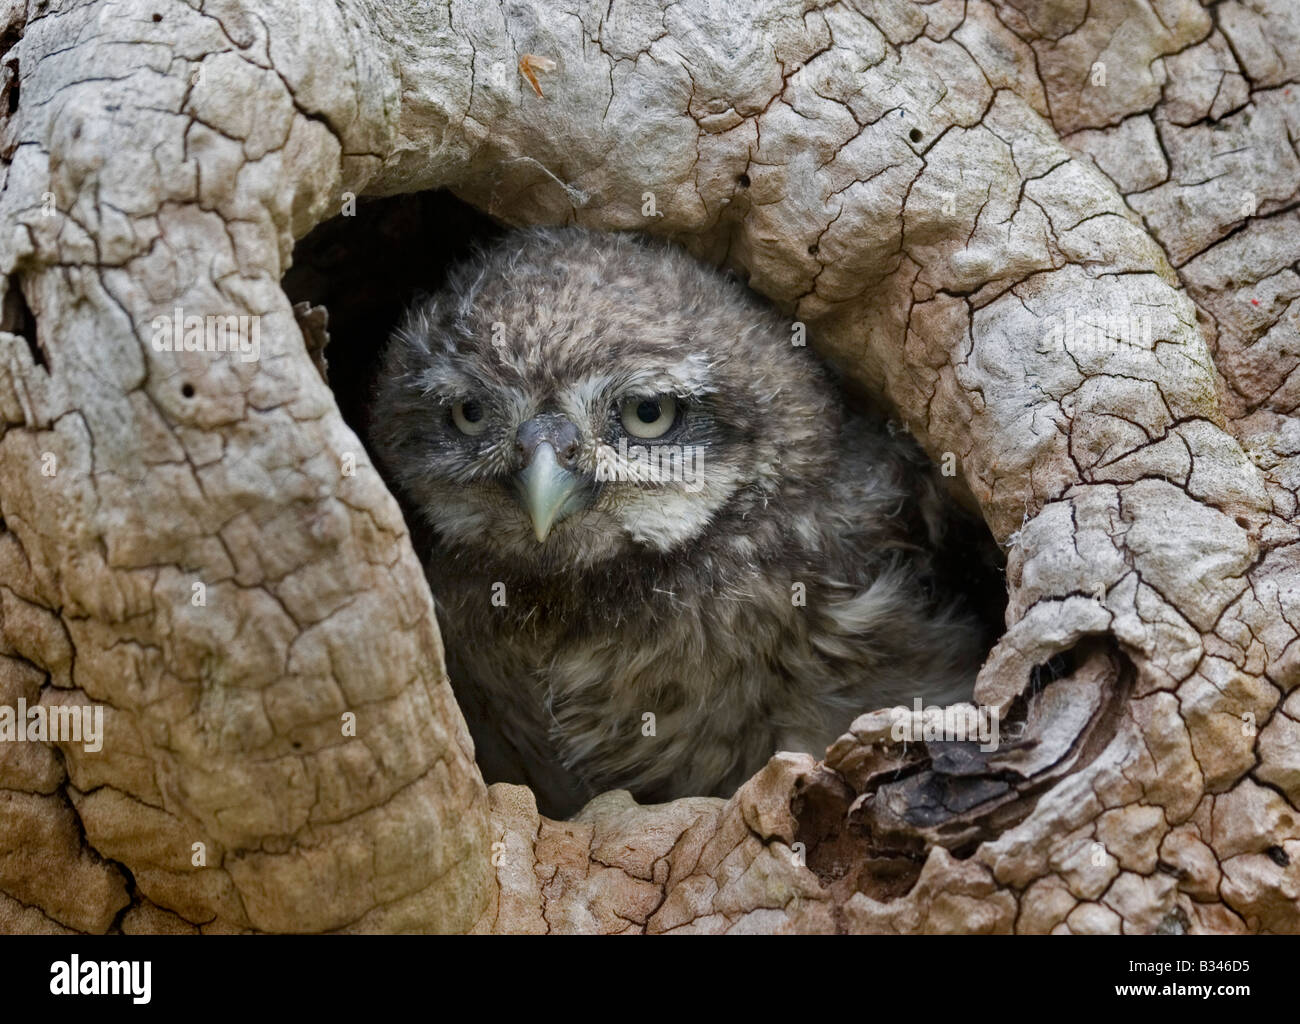 Baby-kleine Eule aus Nest, Porträt Stockbild